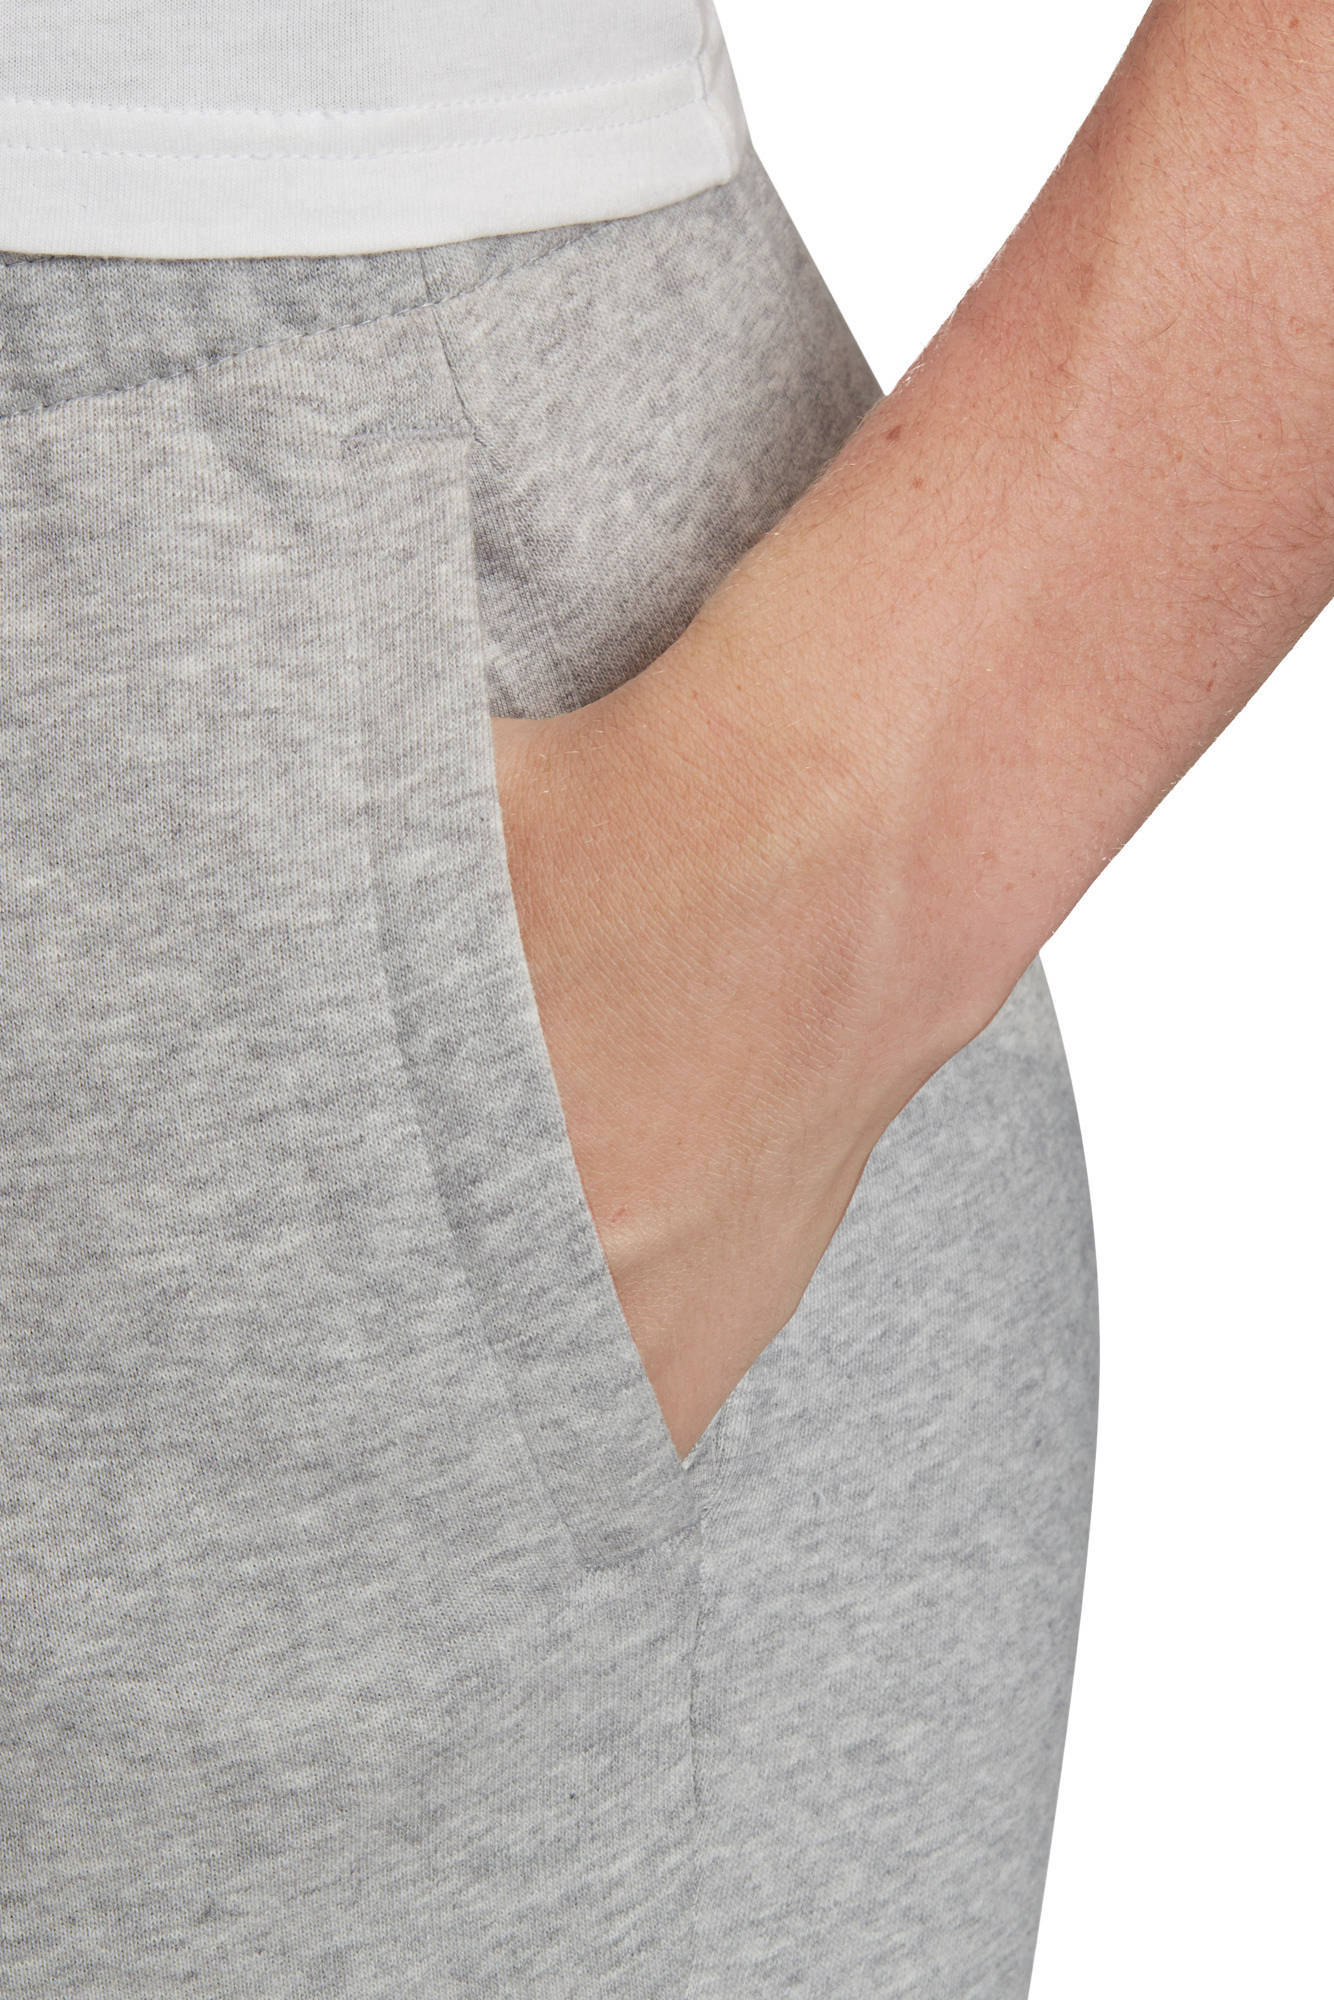 adidas Performance sportbroek grijs melangeroze | wehkamp